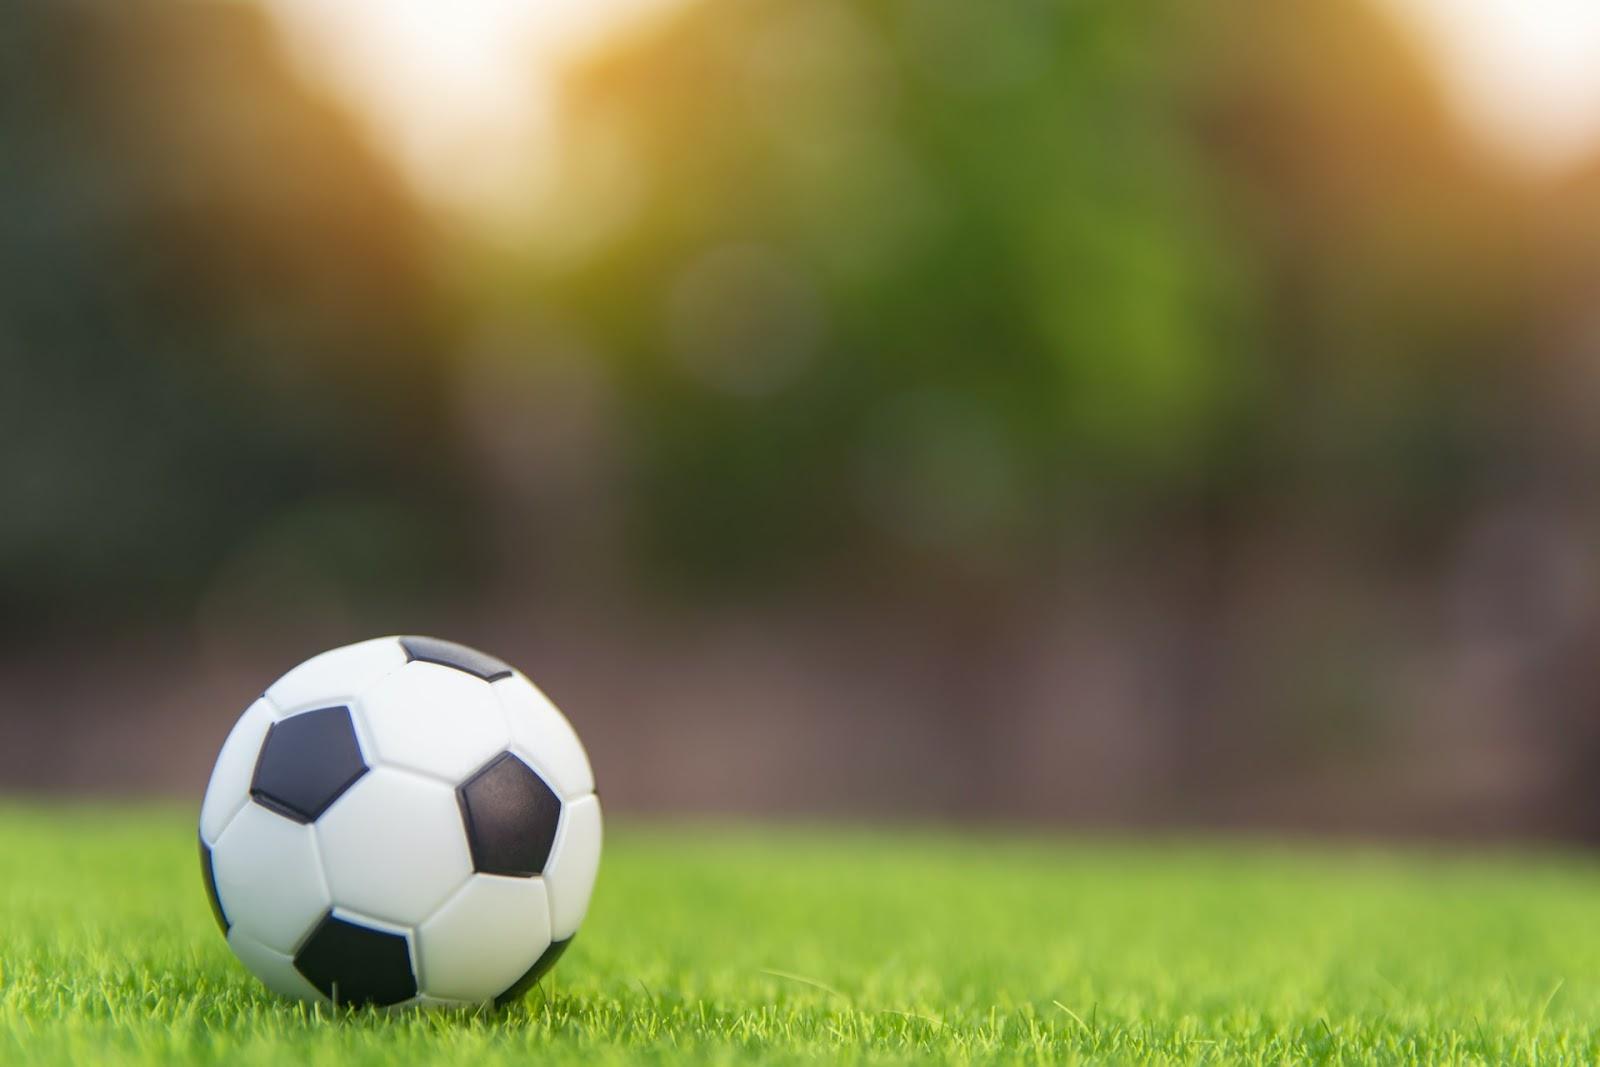 soccer ball on field of grass